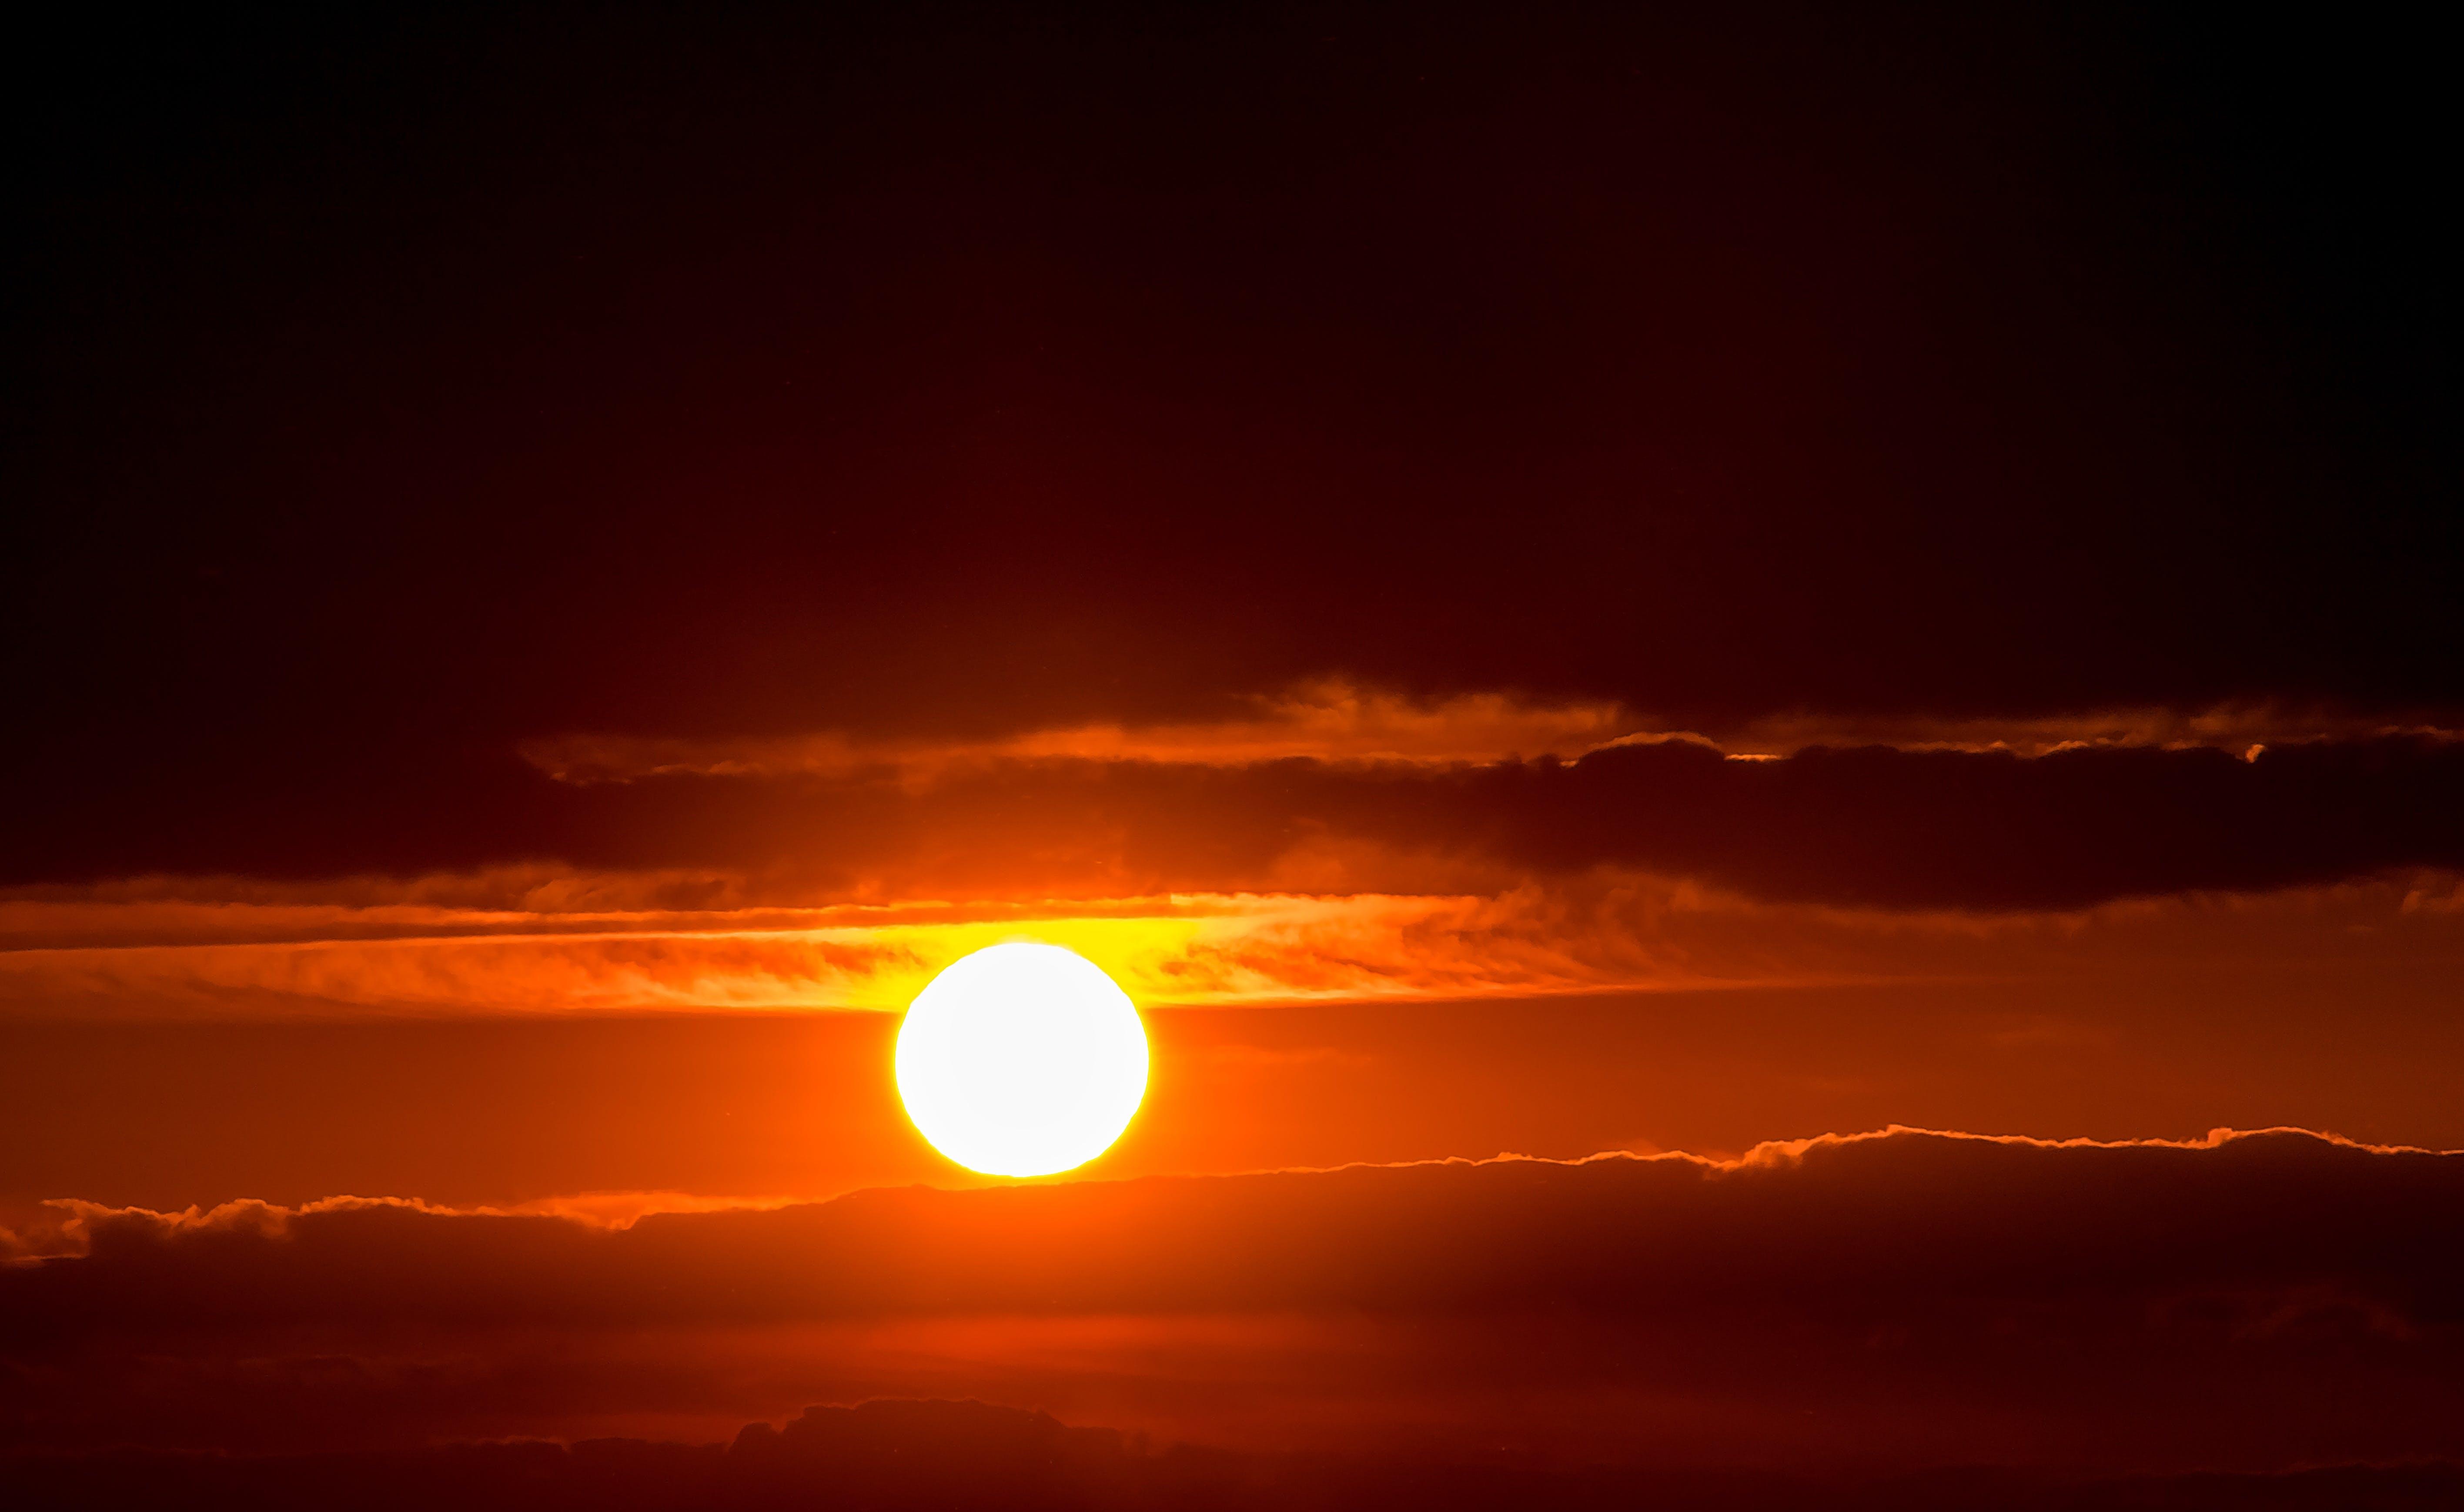 abendstimmung, afterglow, bright